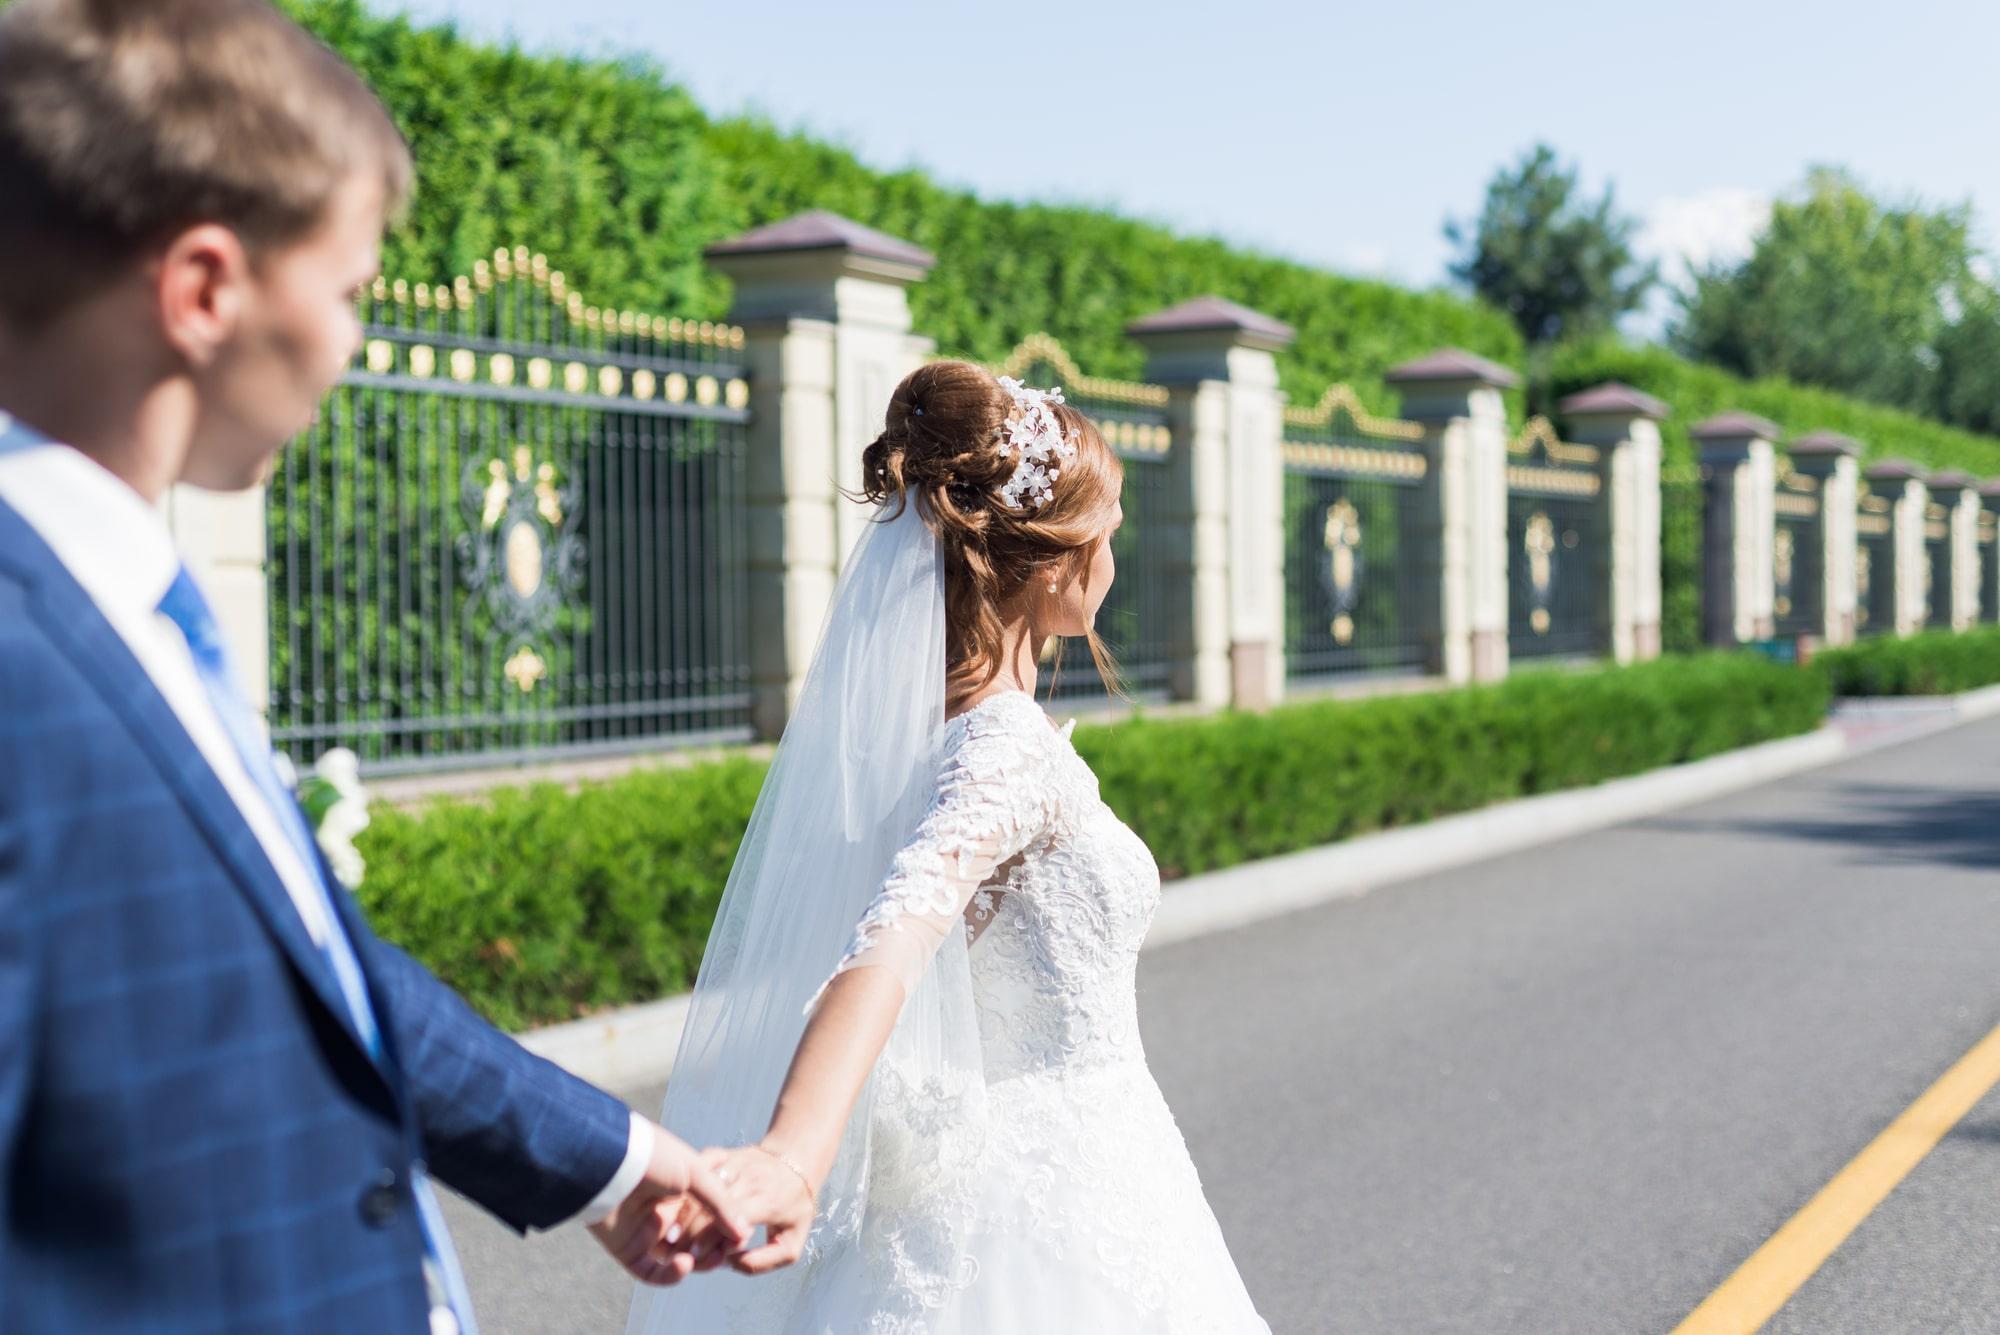 Свадебная фотосъемка в Межигорье - невеста дердит жениха